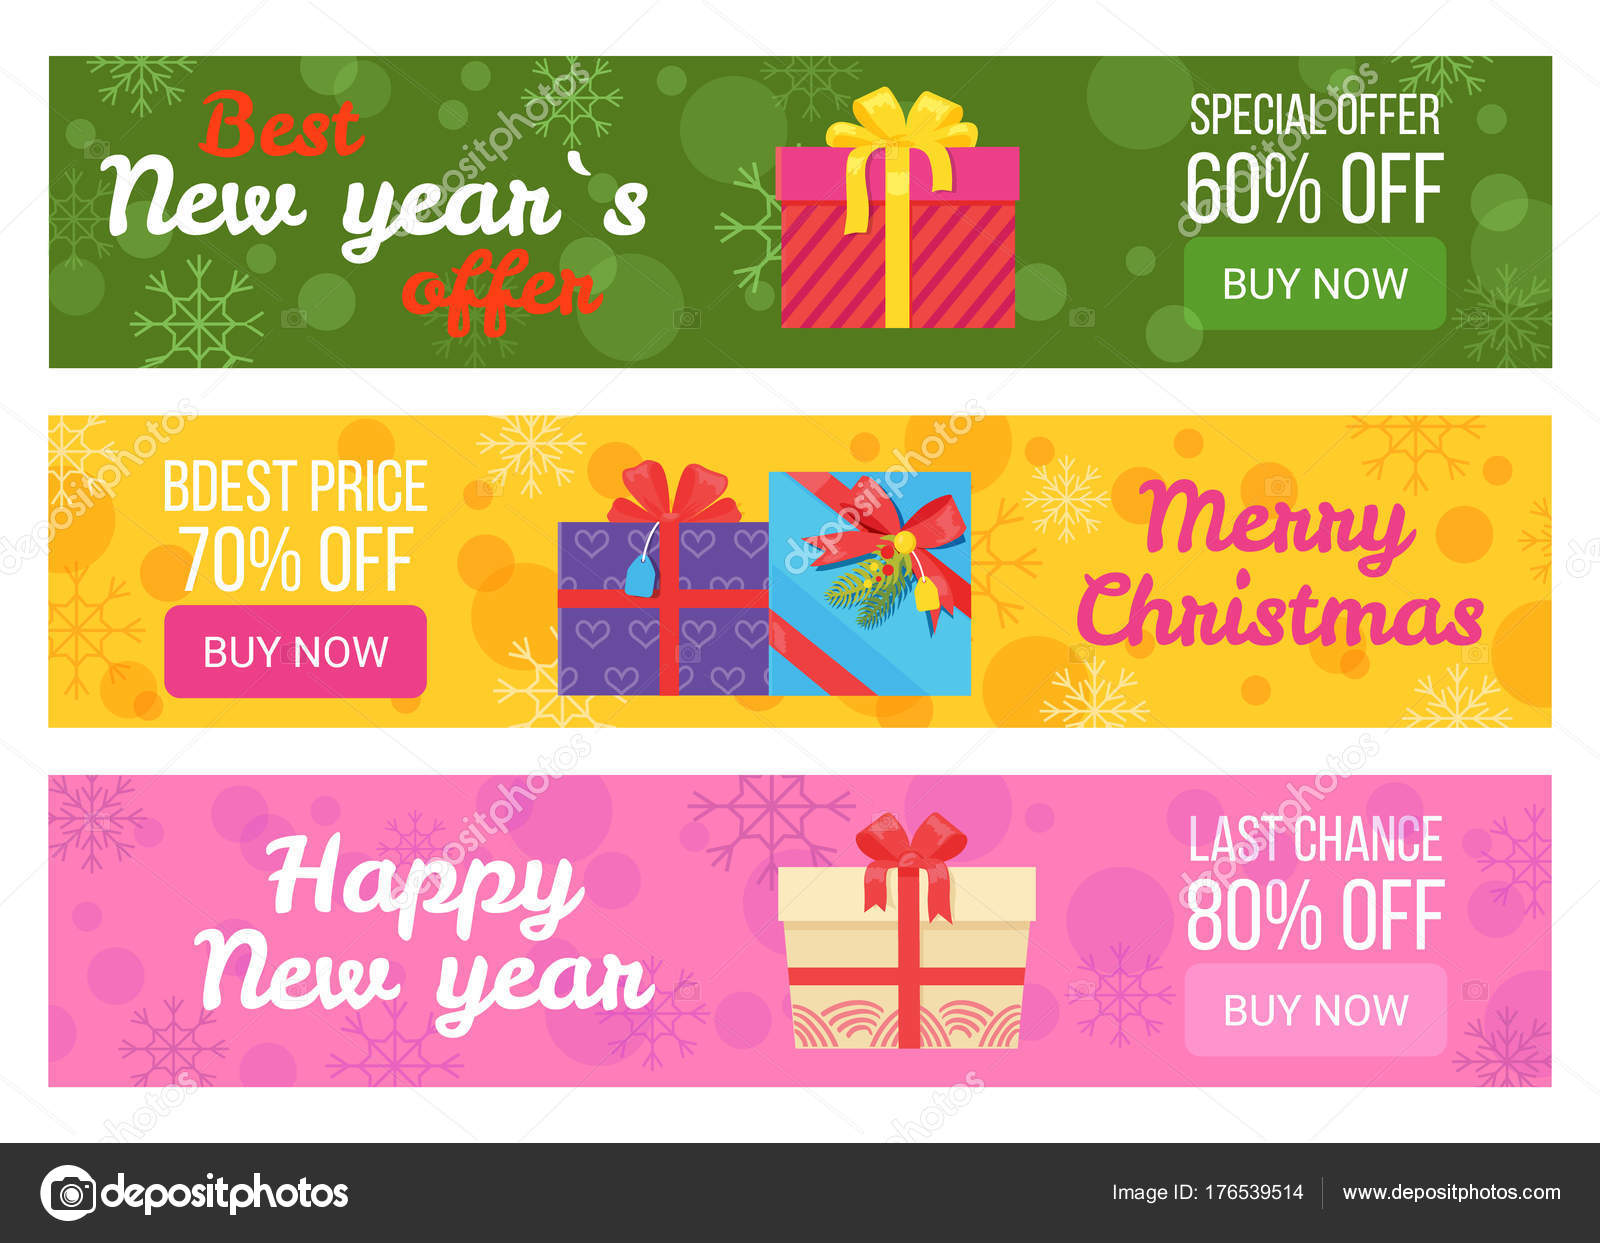 ada48e2c945 Красочный набор Лучшая цена продажи баннеров купить сейчас векторные  иллюстрации с красивой подарочные коробки цвета ленты и луками